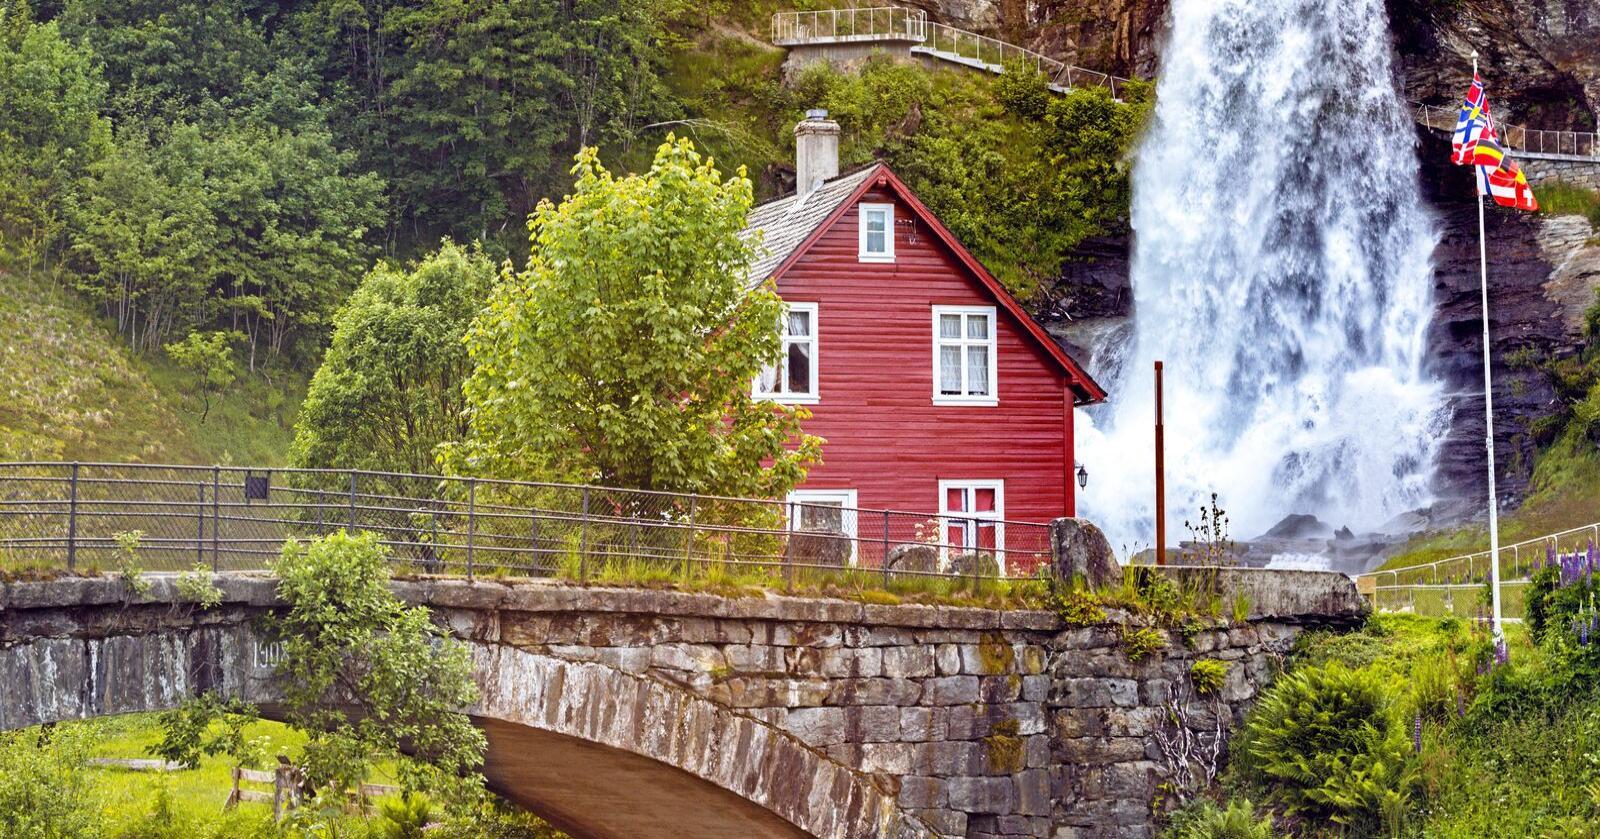 Mange vil tilbringe feriedagene i Distrikts-Norge, det vil si i en kommune uten åpent lensmannskontor og med store avstander til nærmeste patrulje, skriver artikkelforfatterne. Her fra Steinsdalsfossen i Hardanger. Foto: Mostphotos